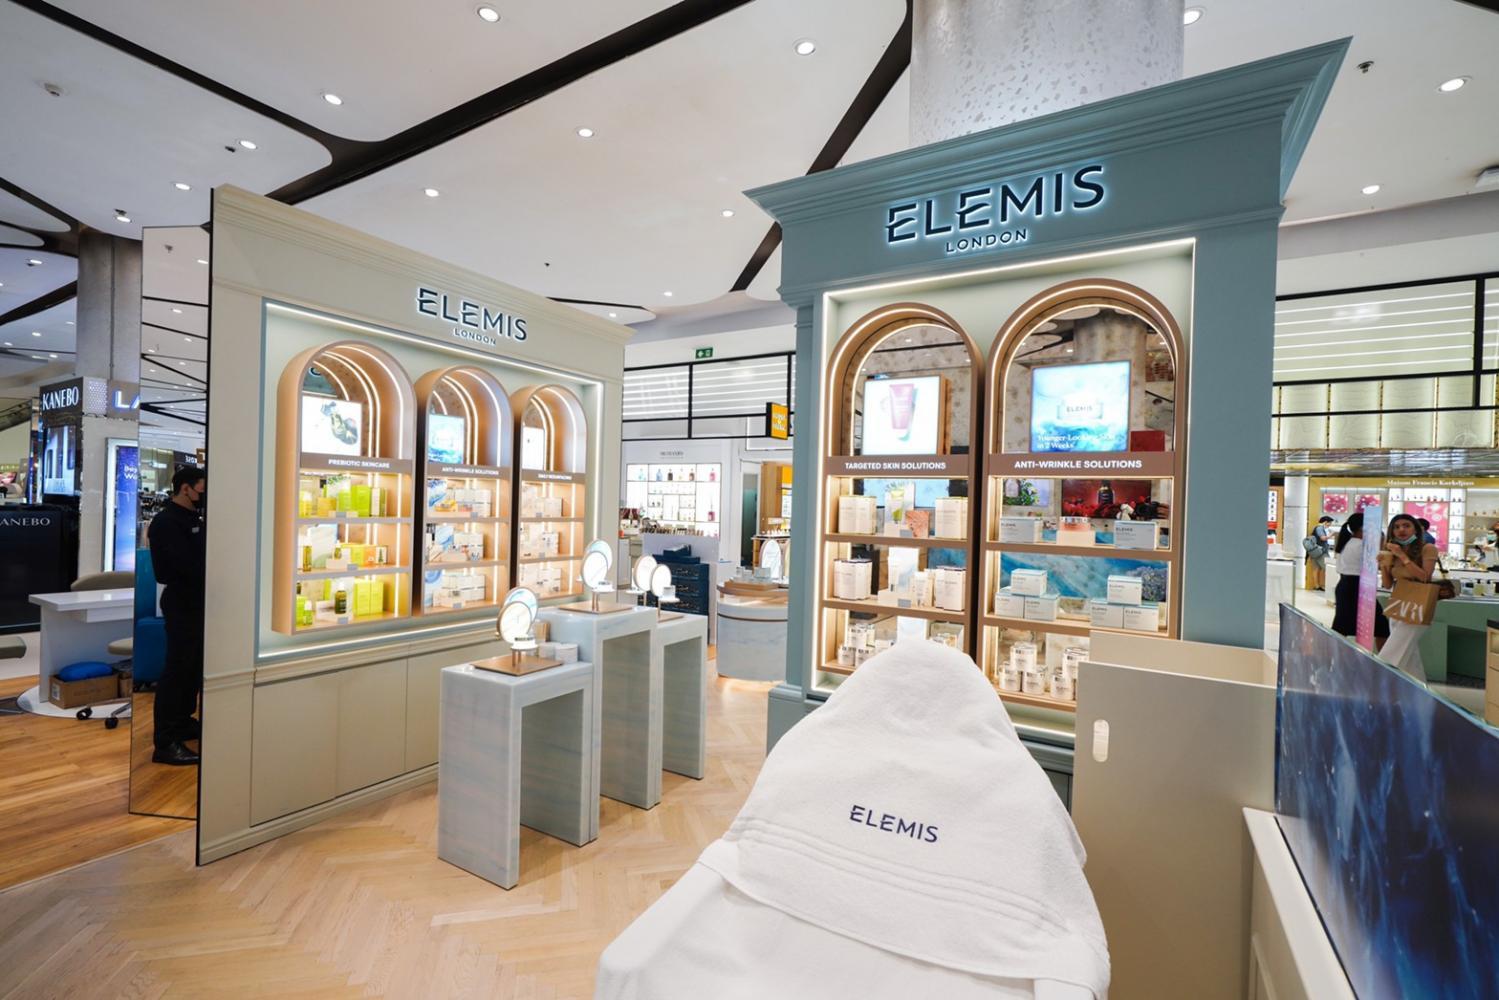 Look extra with Elemis